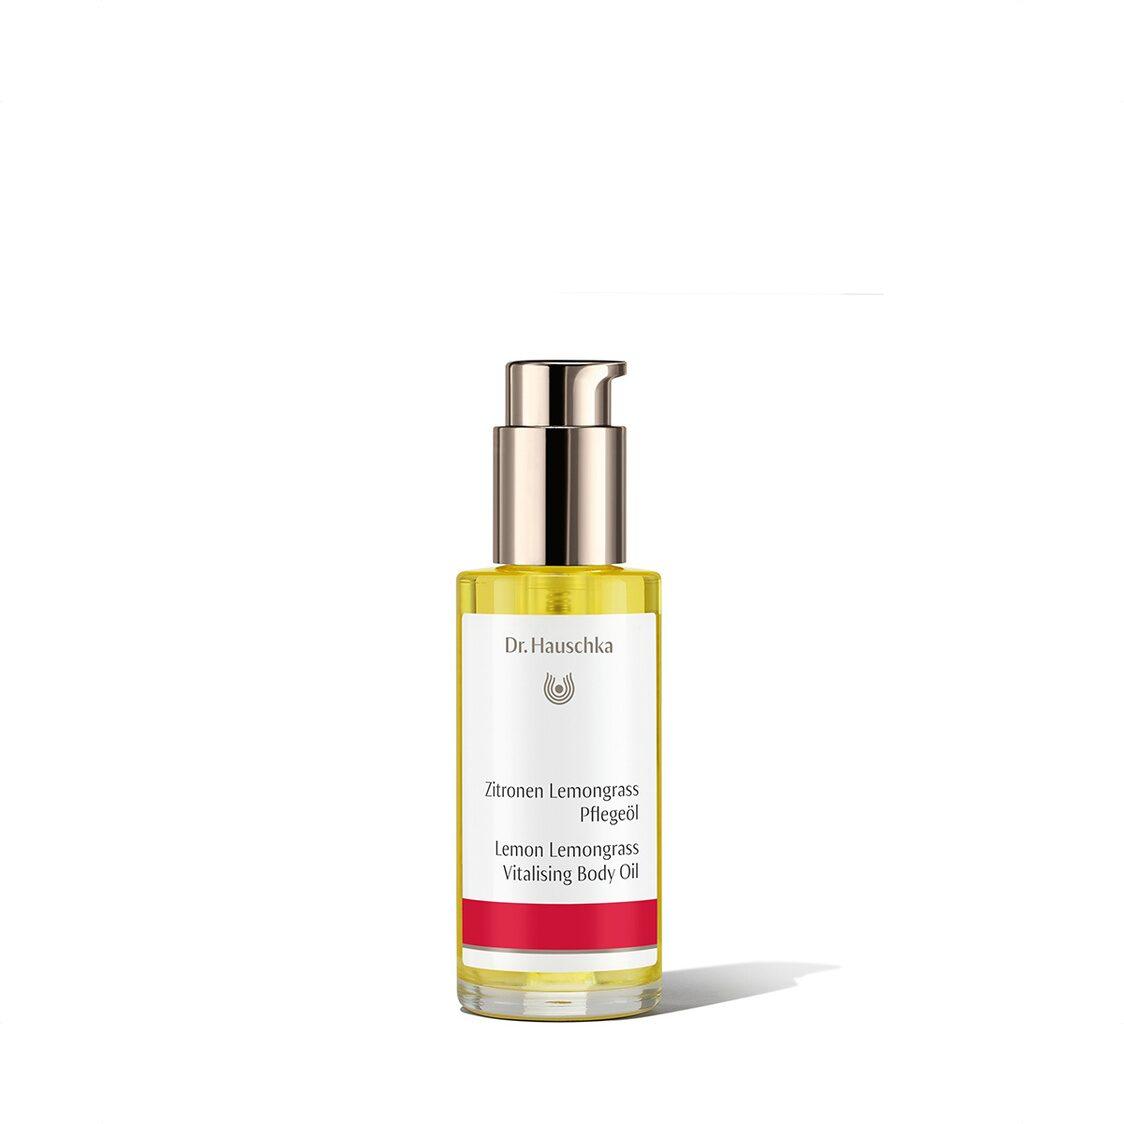 DrHauschka Lemon Lemongrass Vitalising Body Oil 75ml